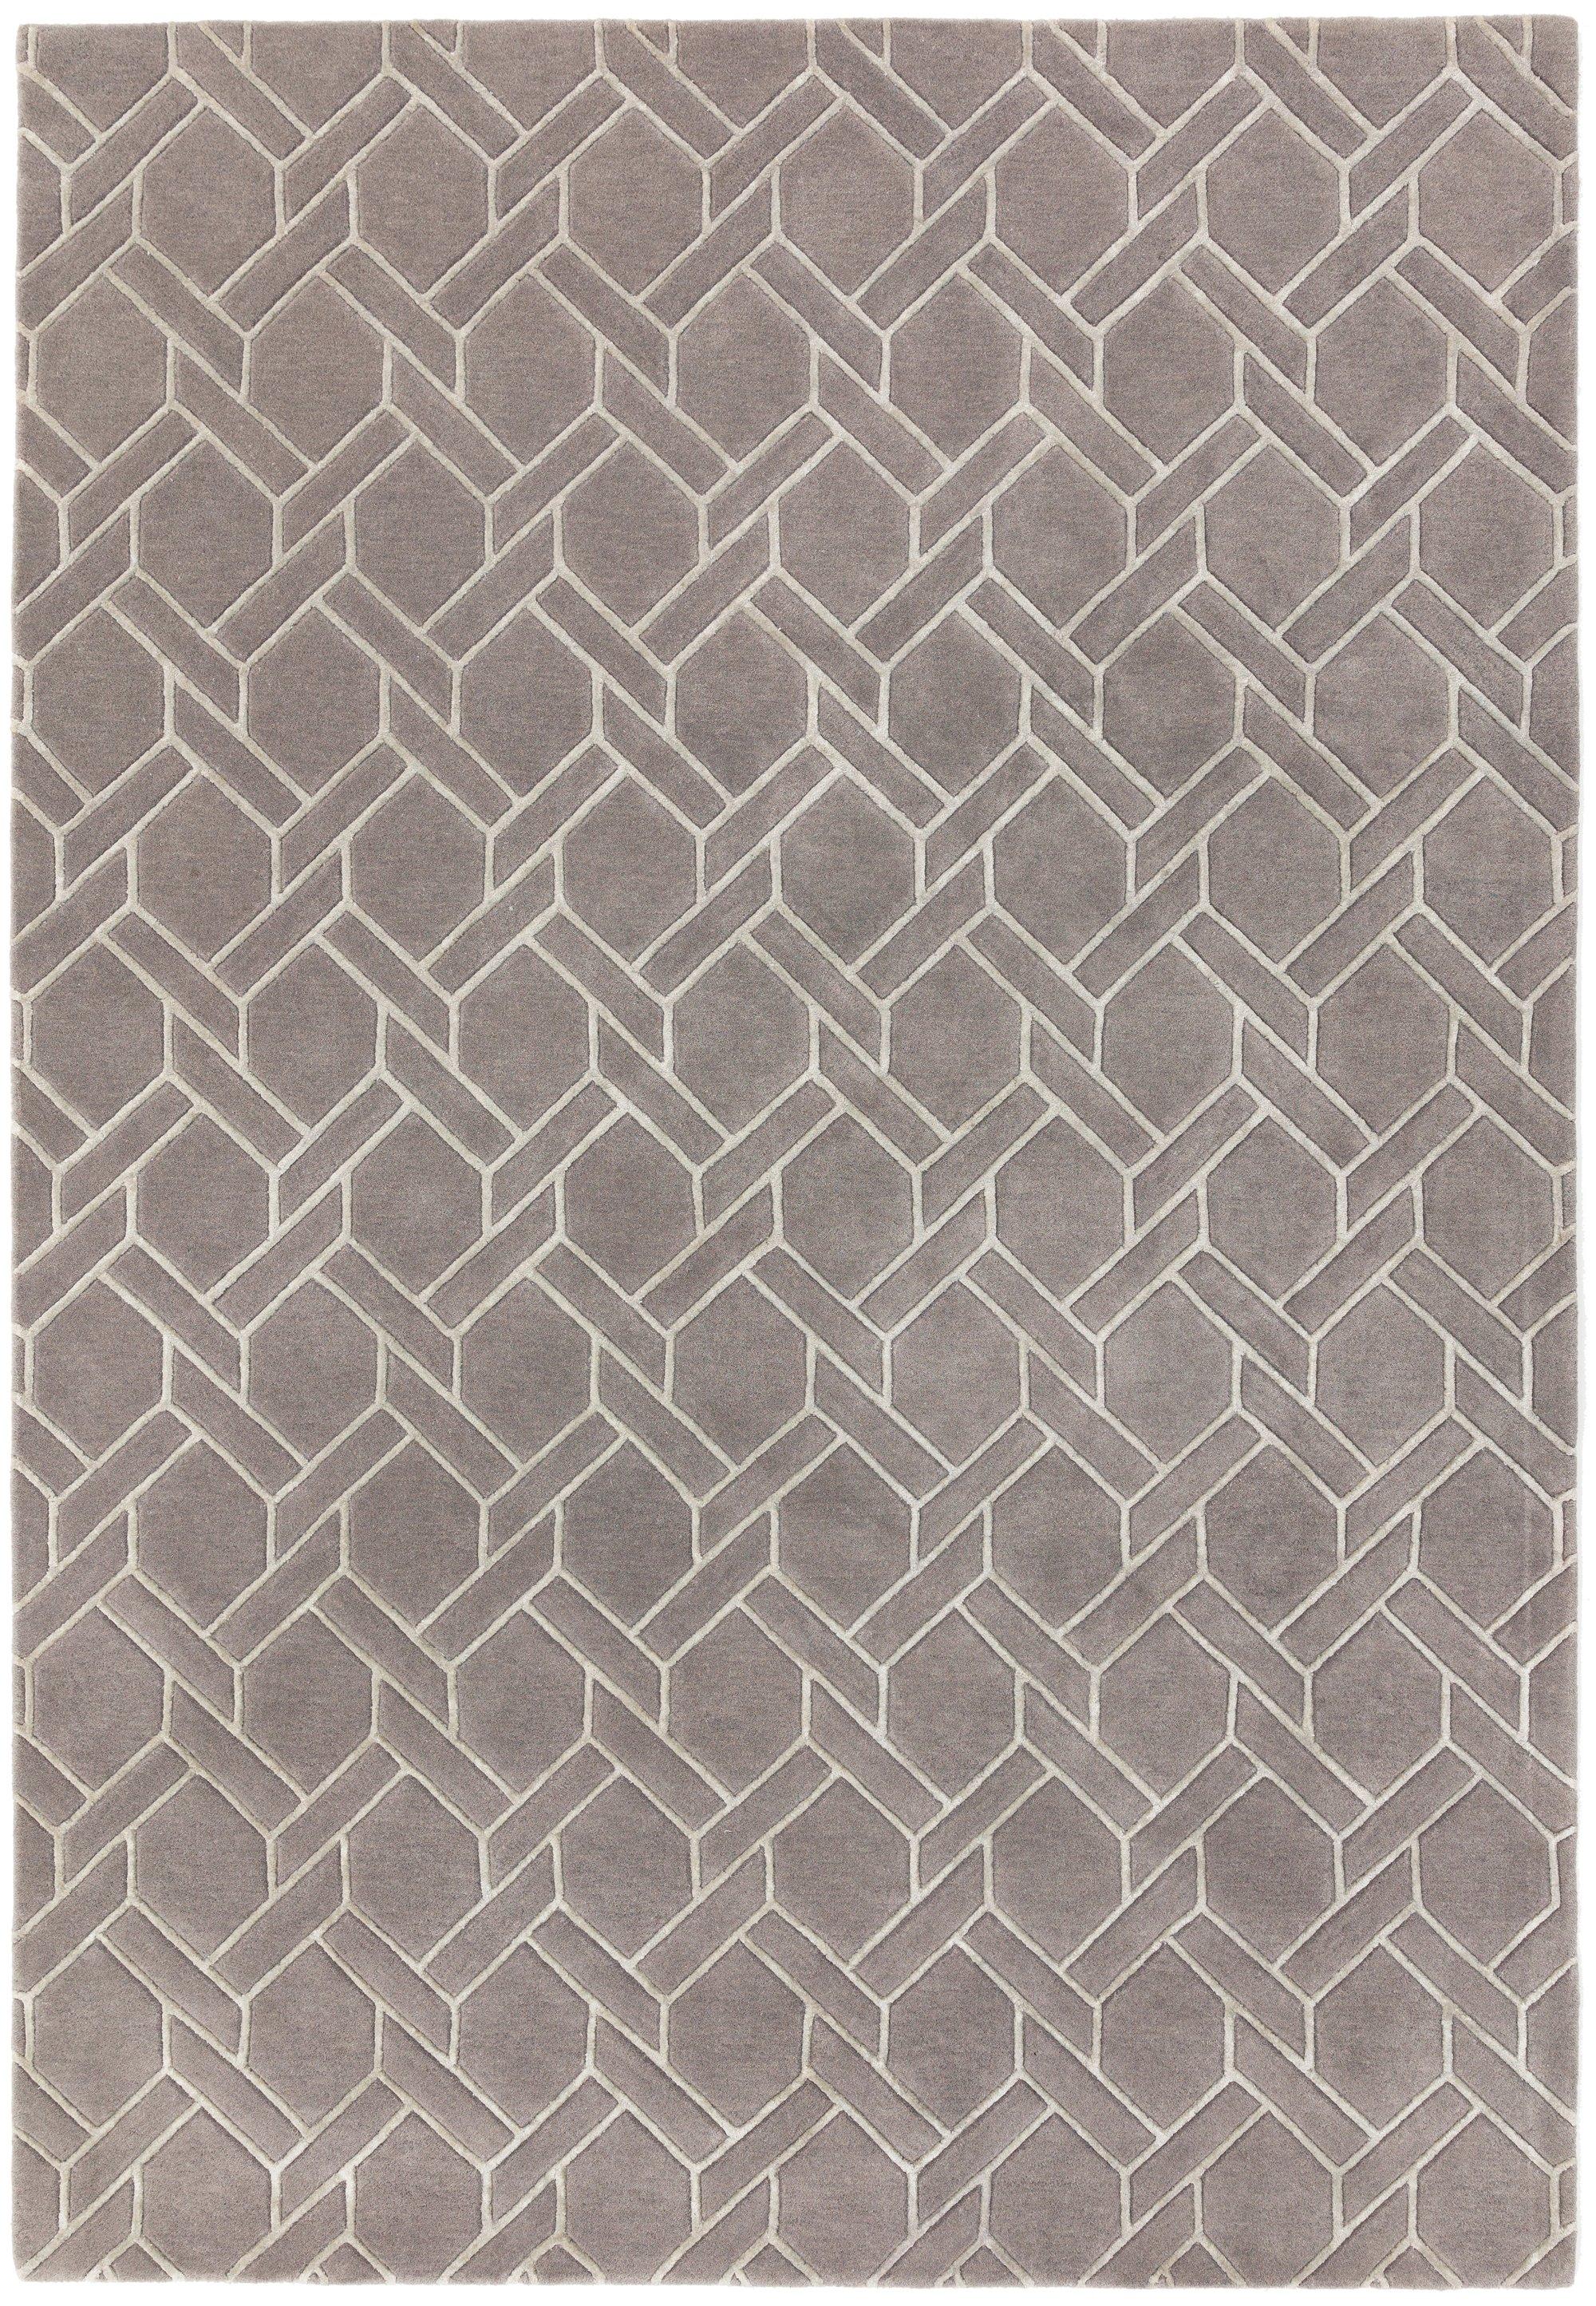 Nexus Rug Fine Lines Grey/Silver